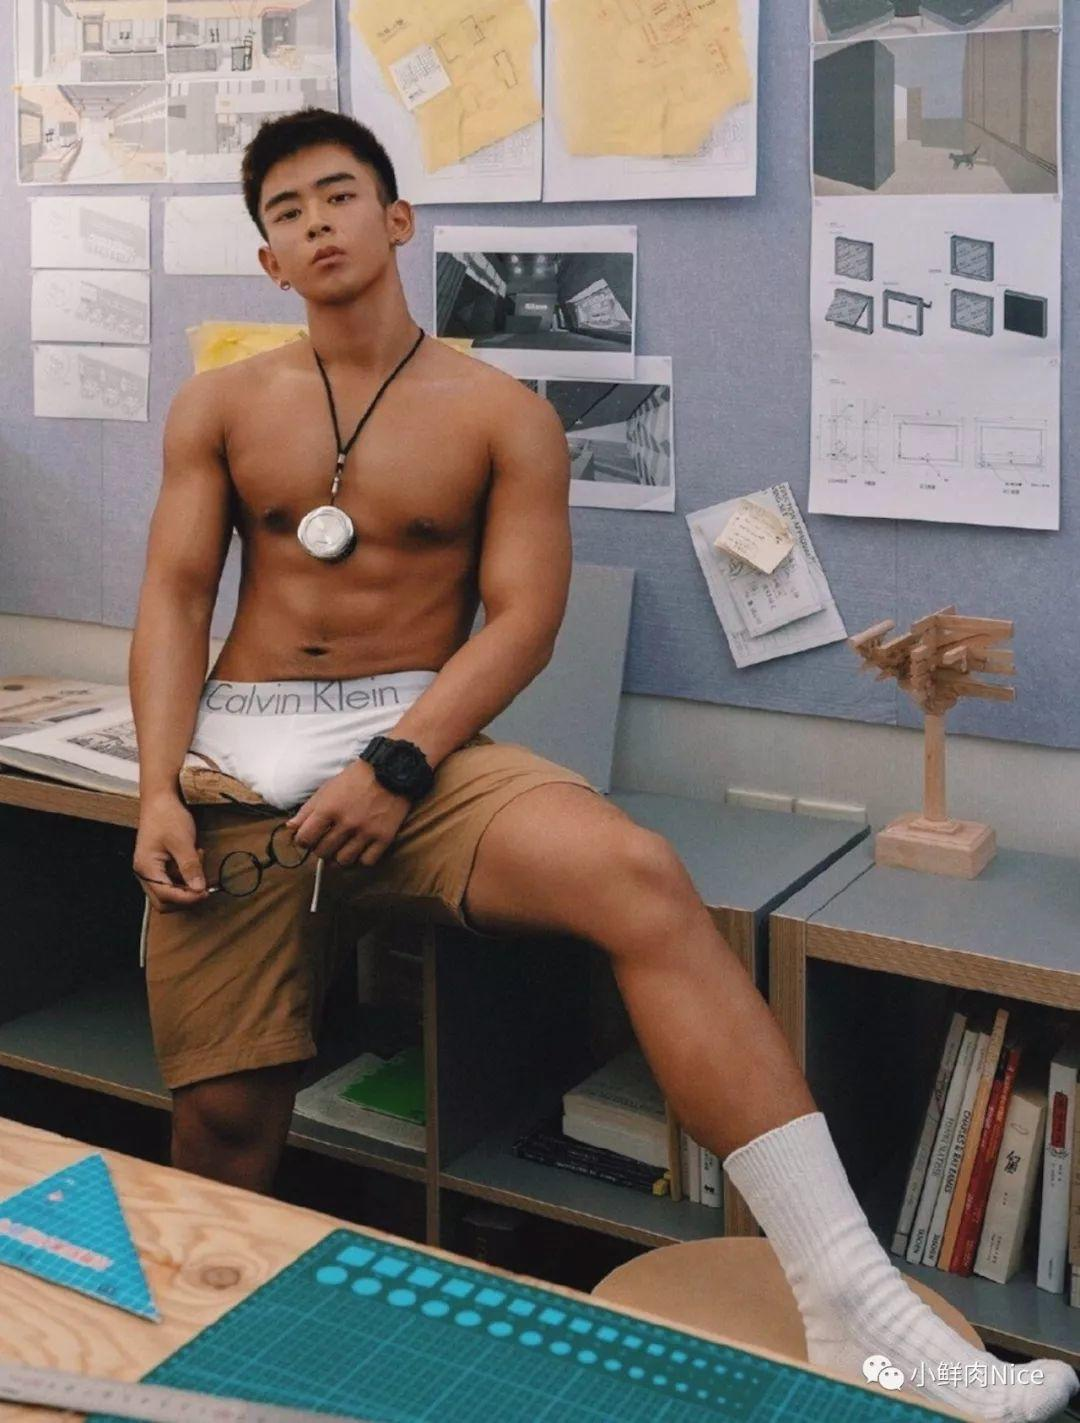 体育生光膀子来上课,肌肉身材一览无余